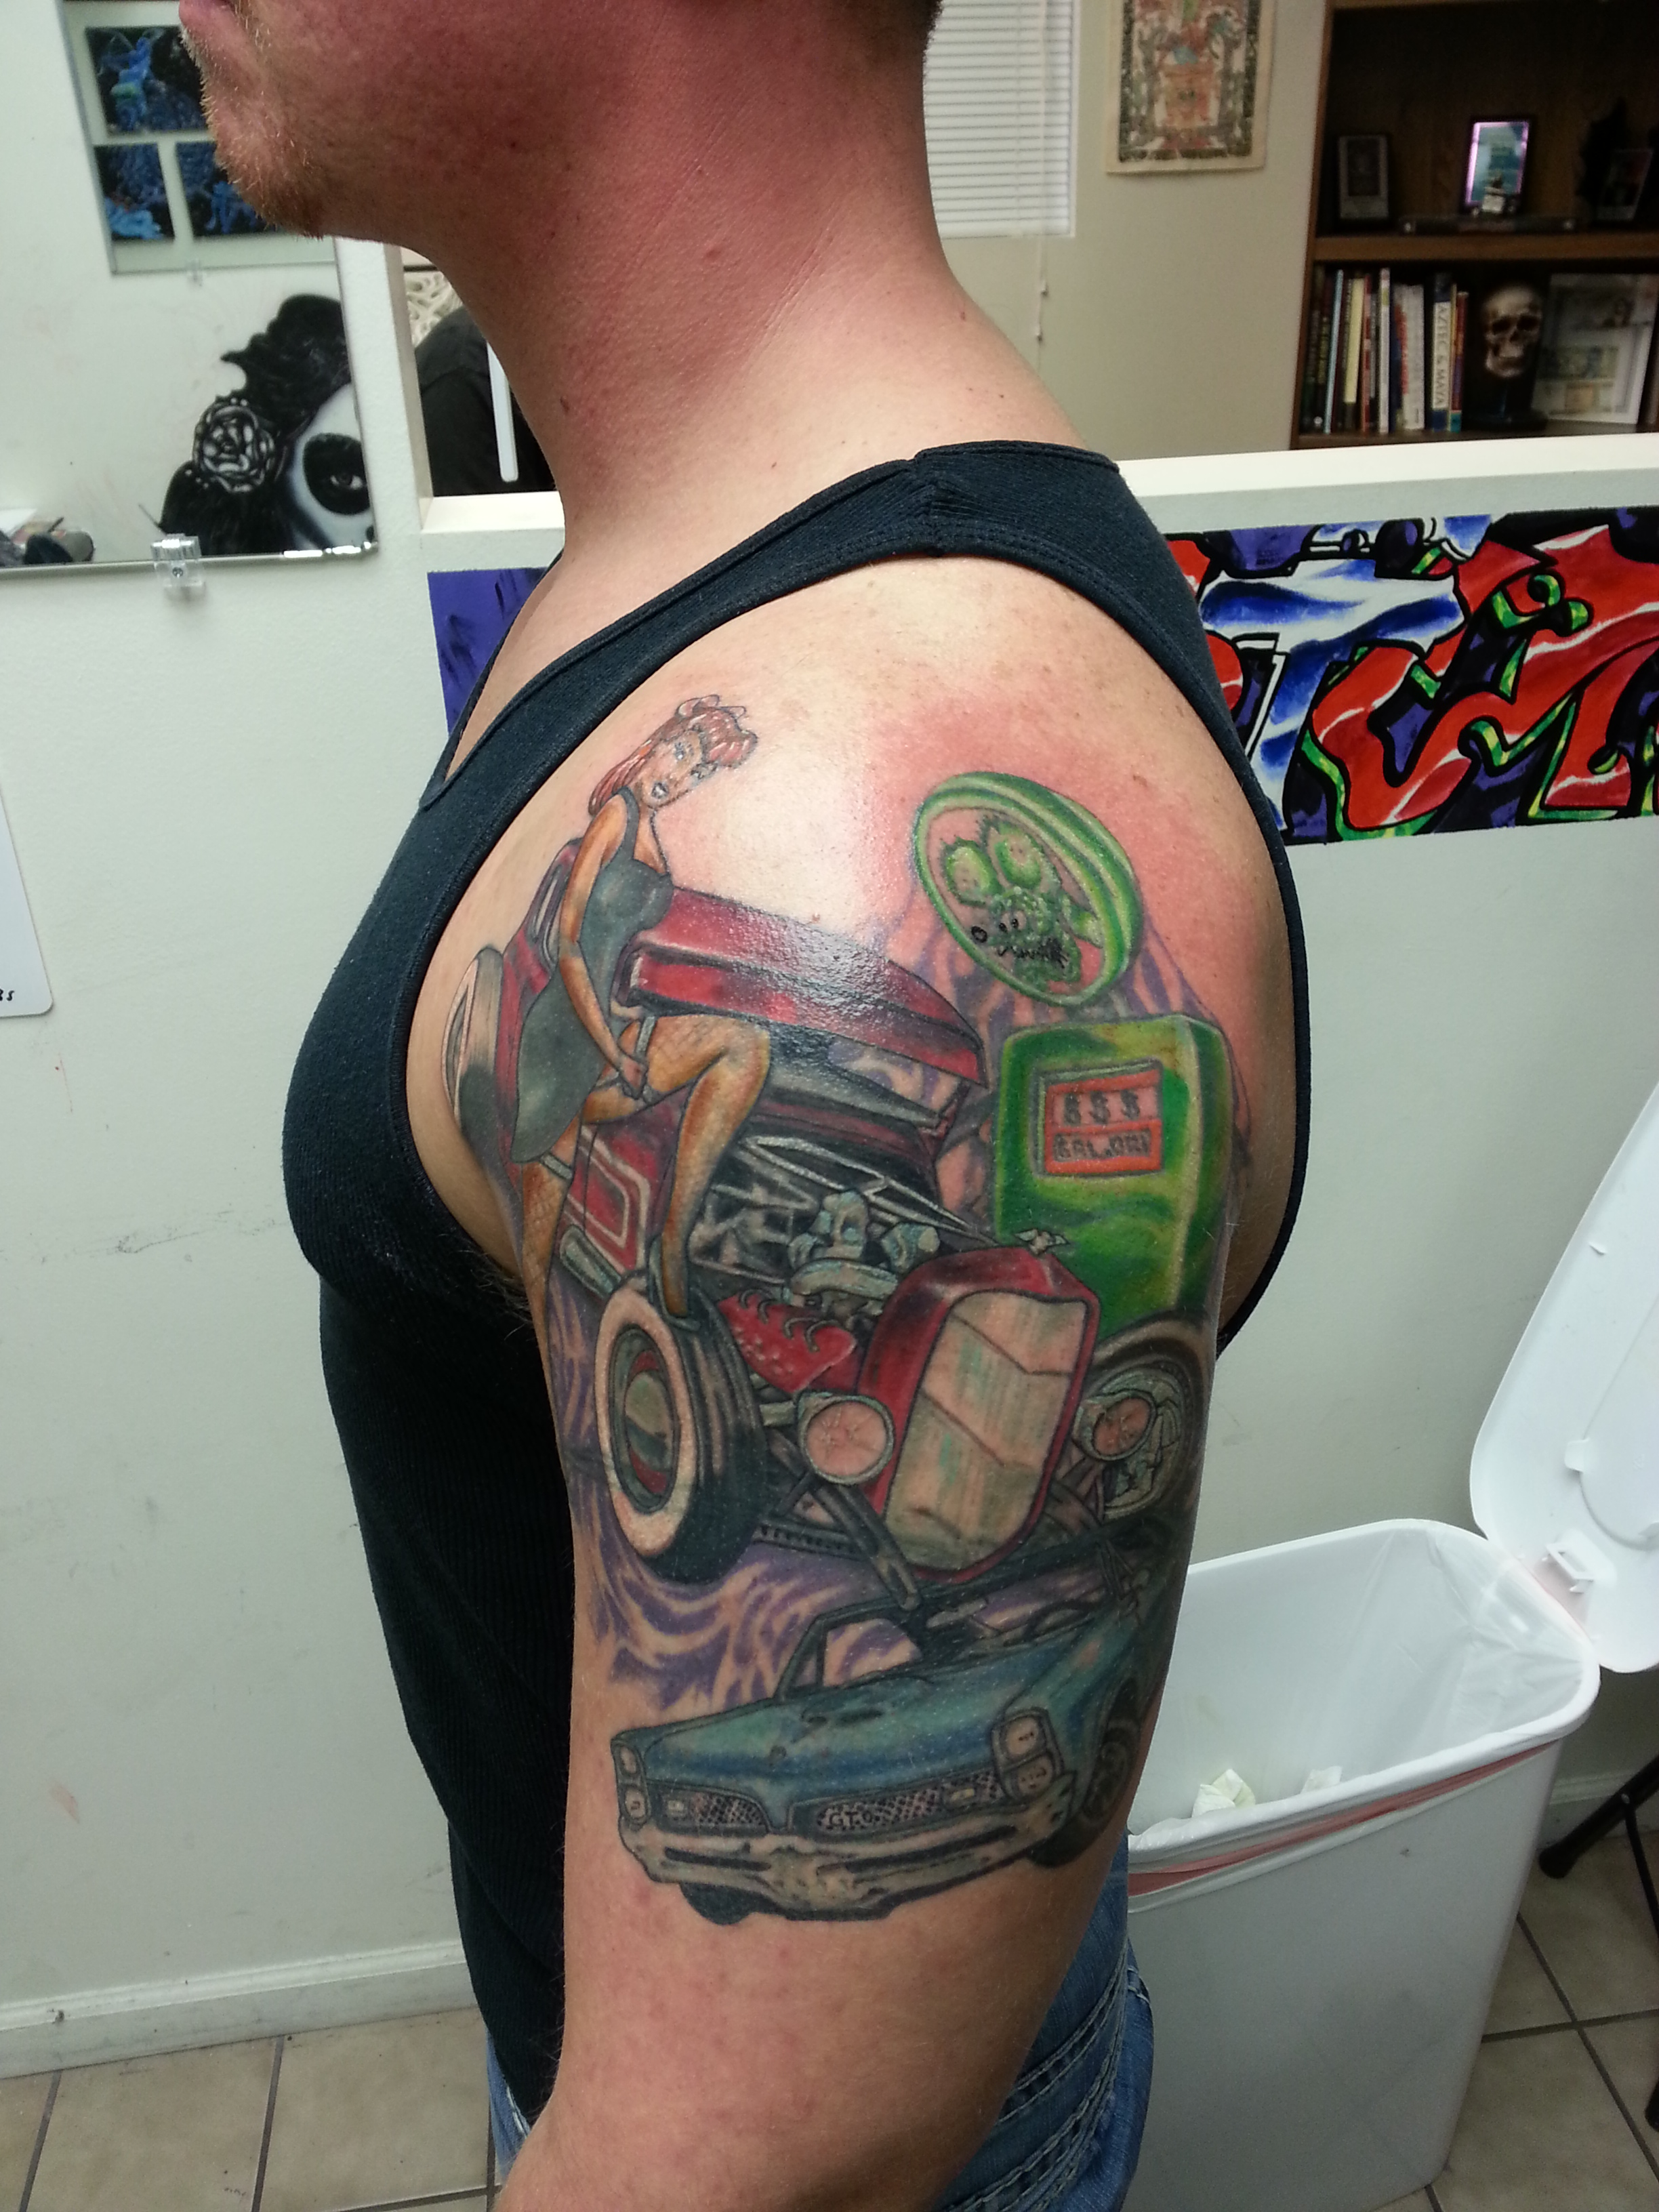 rockabilly mash, cover up - Tattoo.com